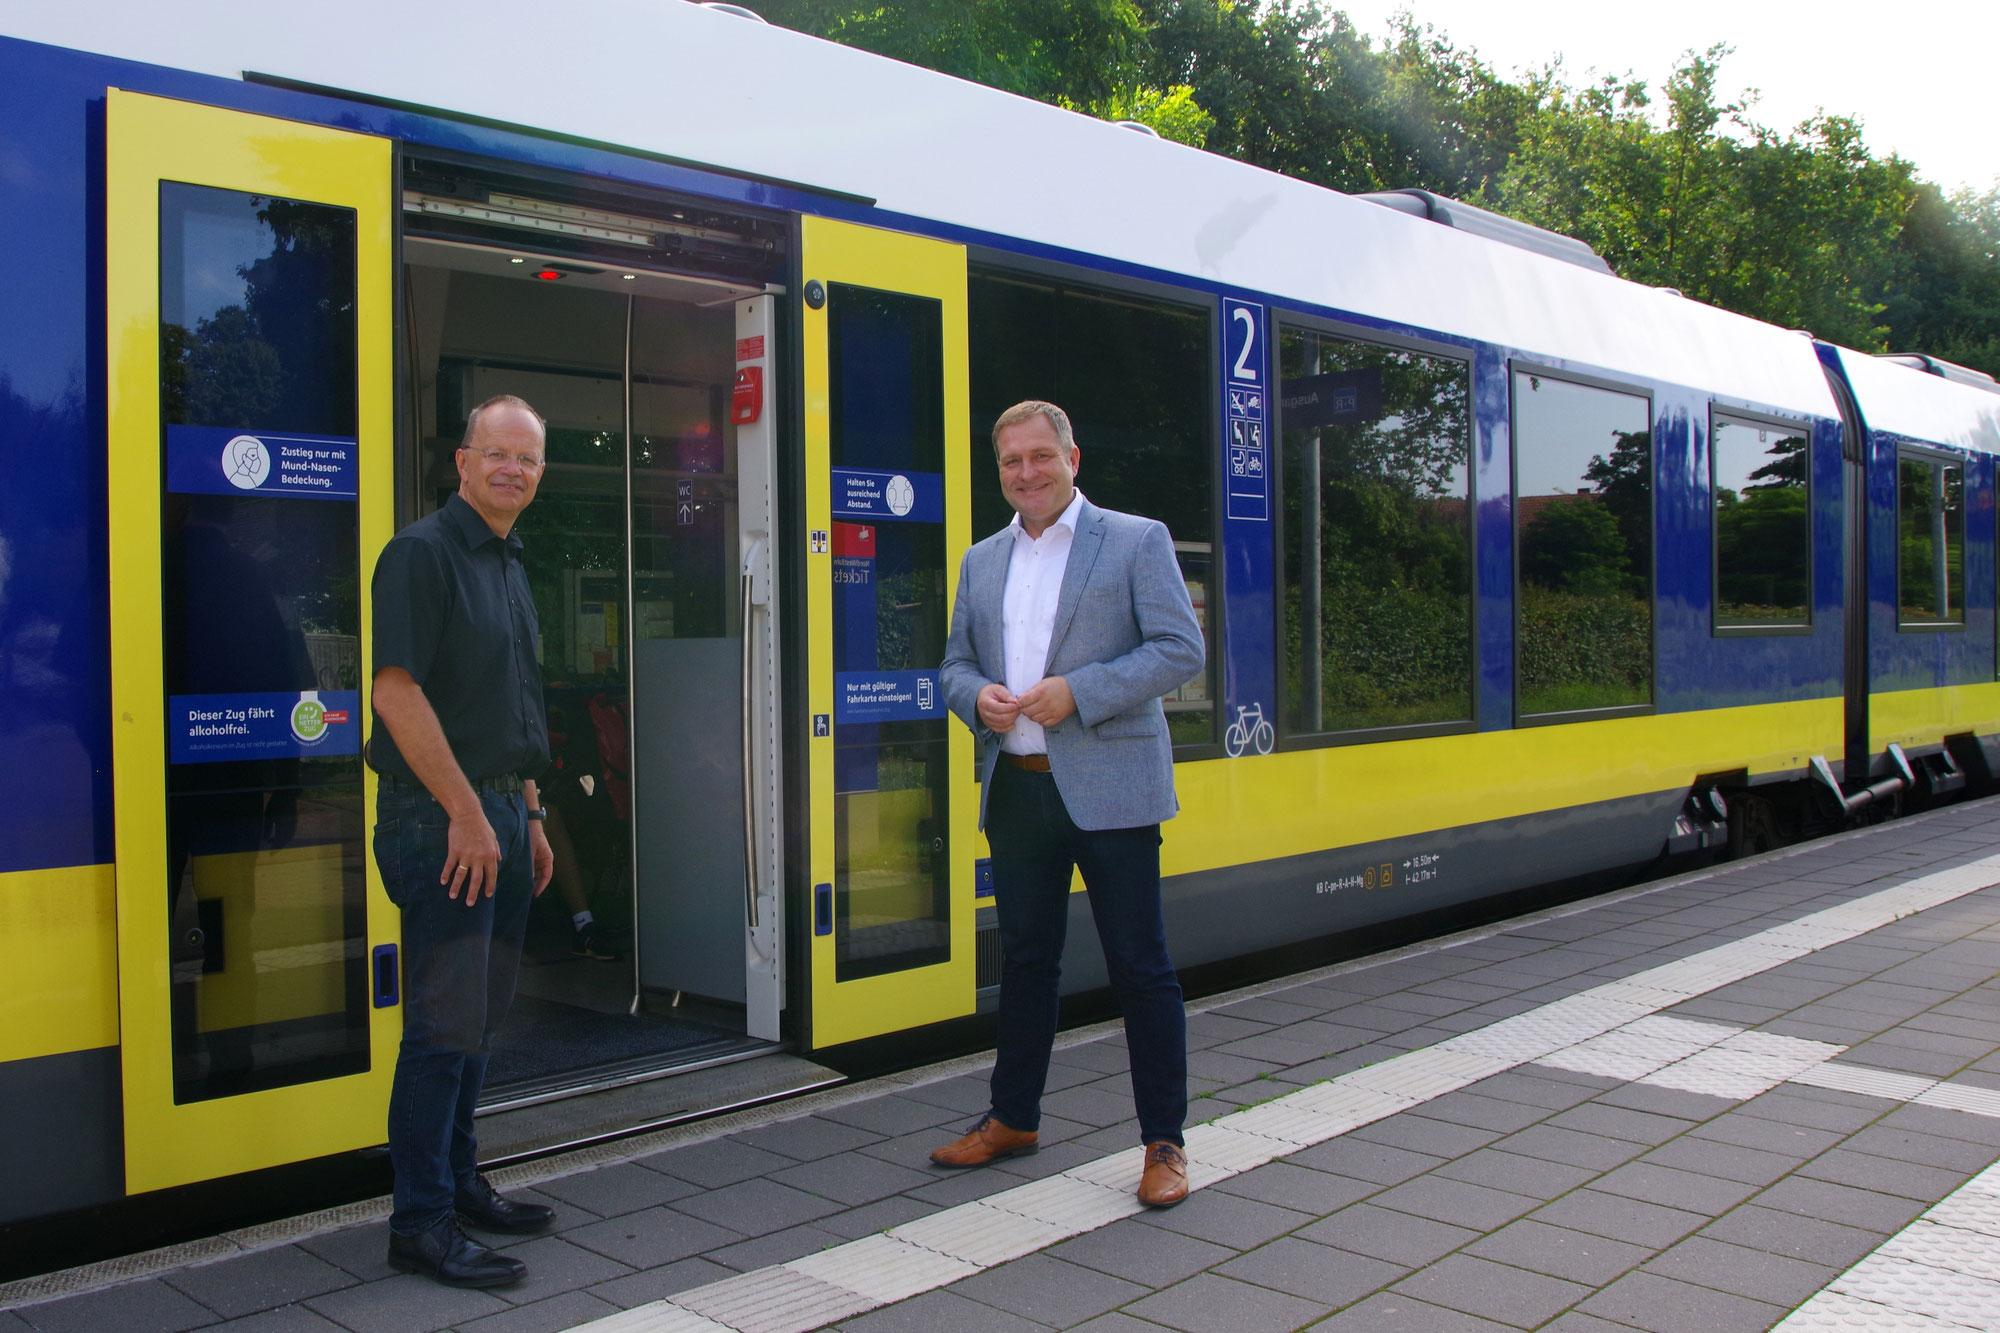 Landtagsabgeordnete Sundermann und Pott setzen sich für Halbstundentakt am Bahnhof Halen ein